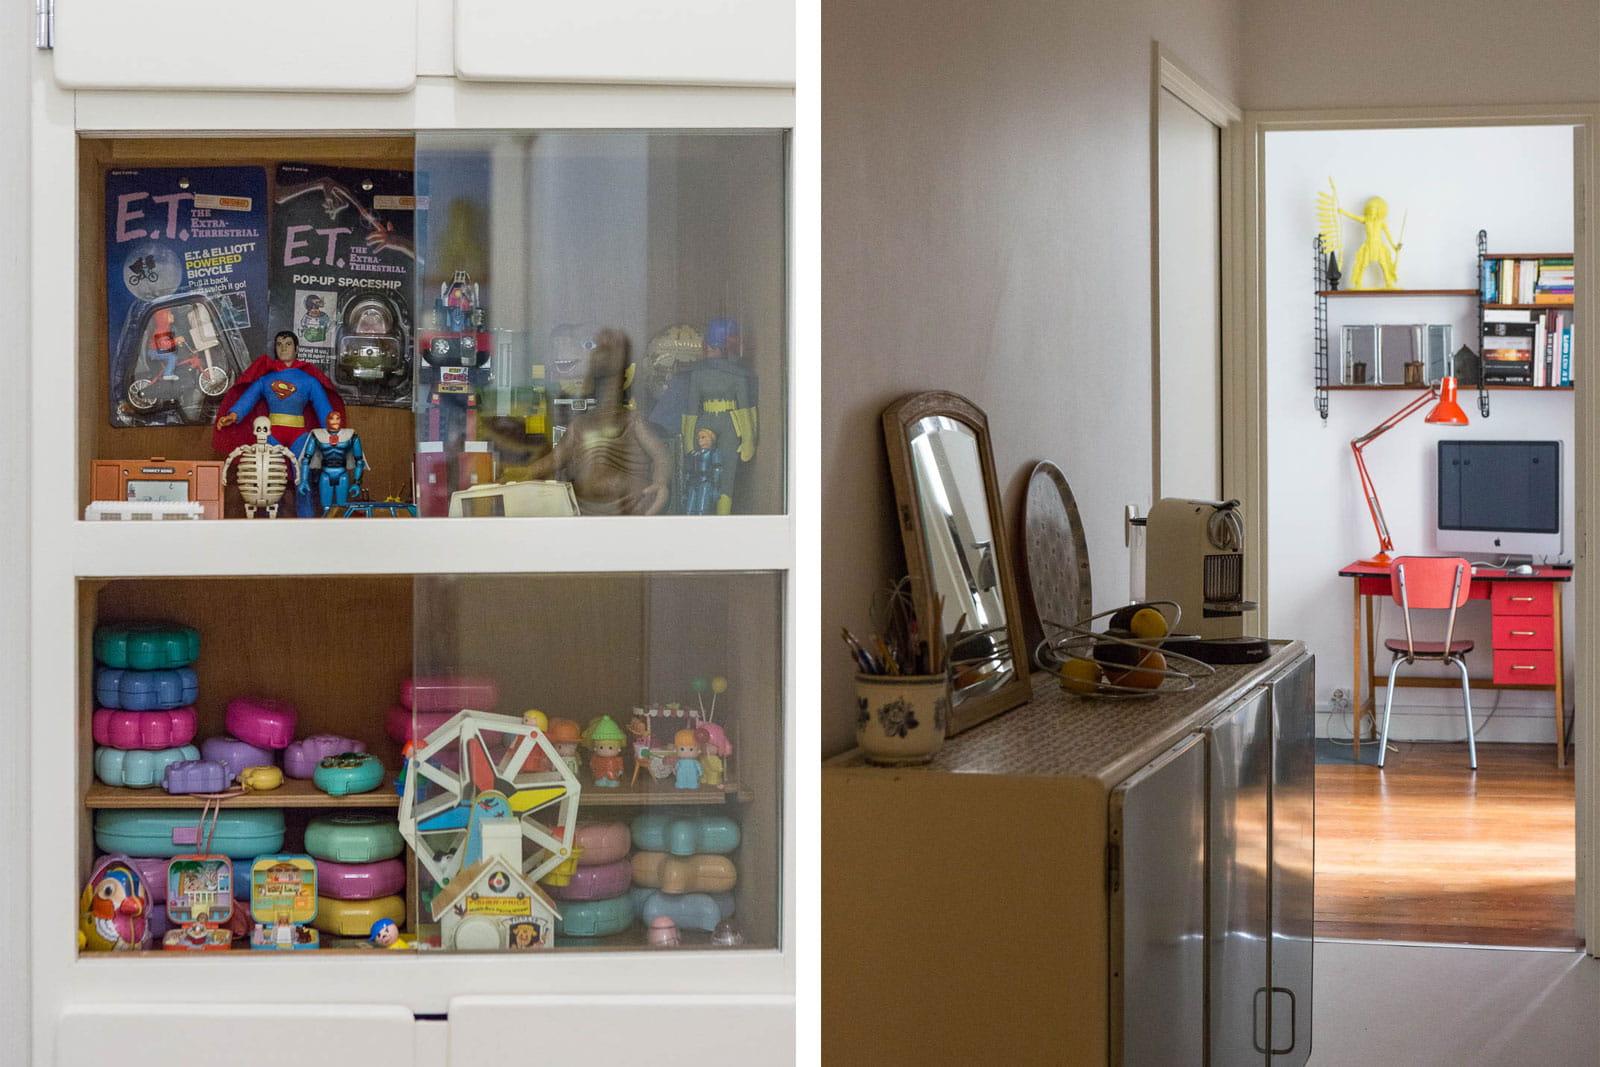 Nostalgie dans le couloir un int rieur mi vintage mi - Interieur appartement original et ultra moderne a paris ...